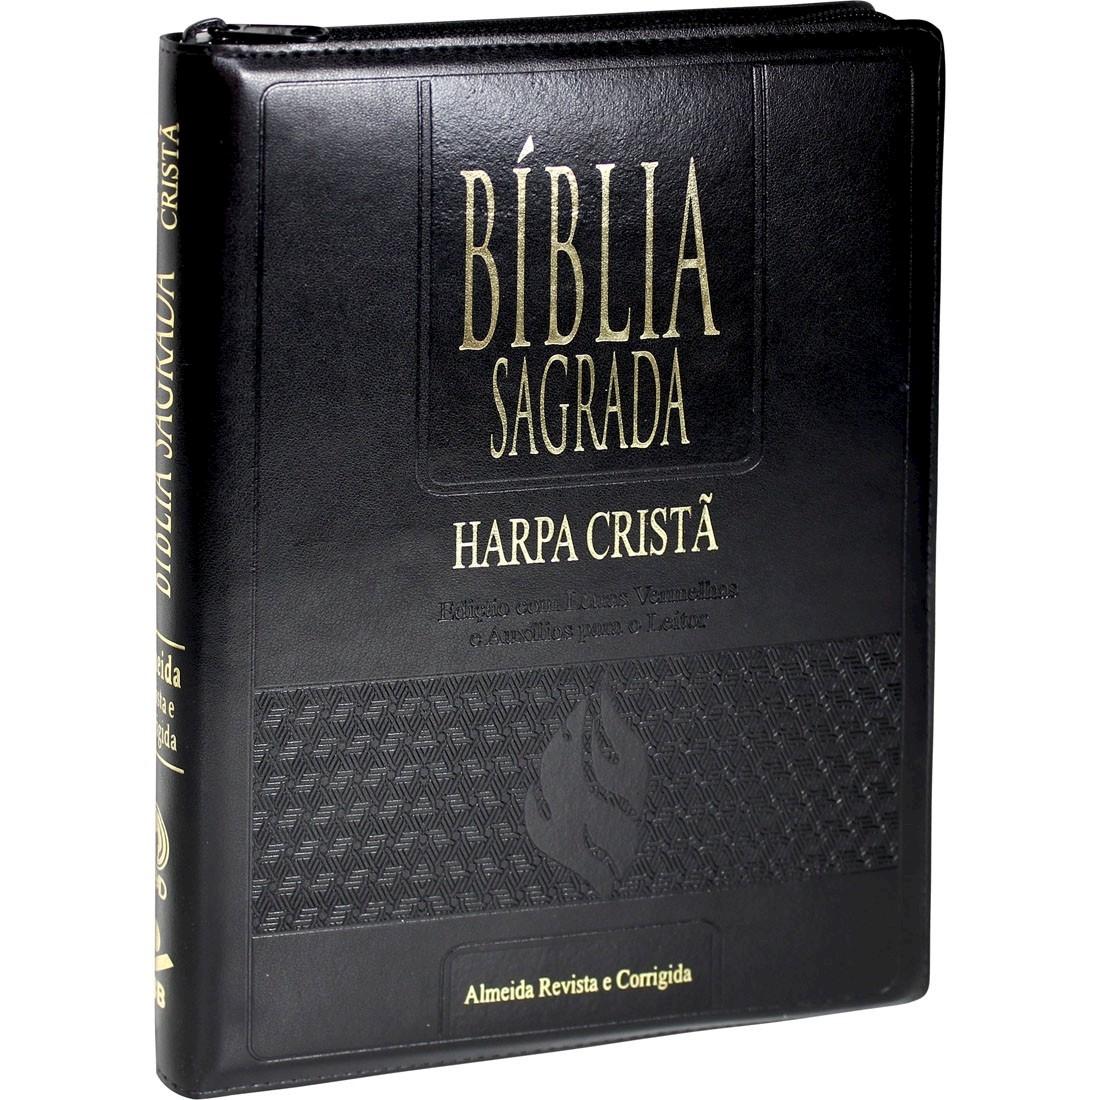 Bíblia Letra Gigante Edição com Letras Vermelhas RC com Harpa Cristã e Zíper